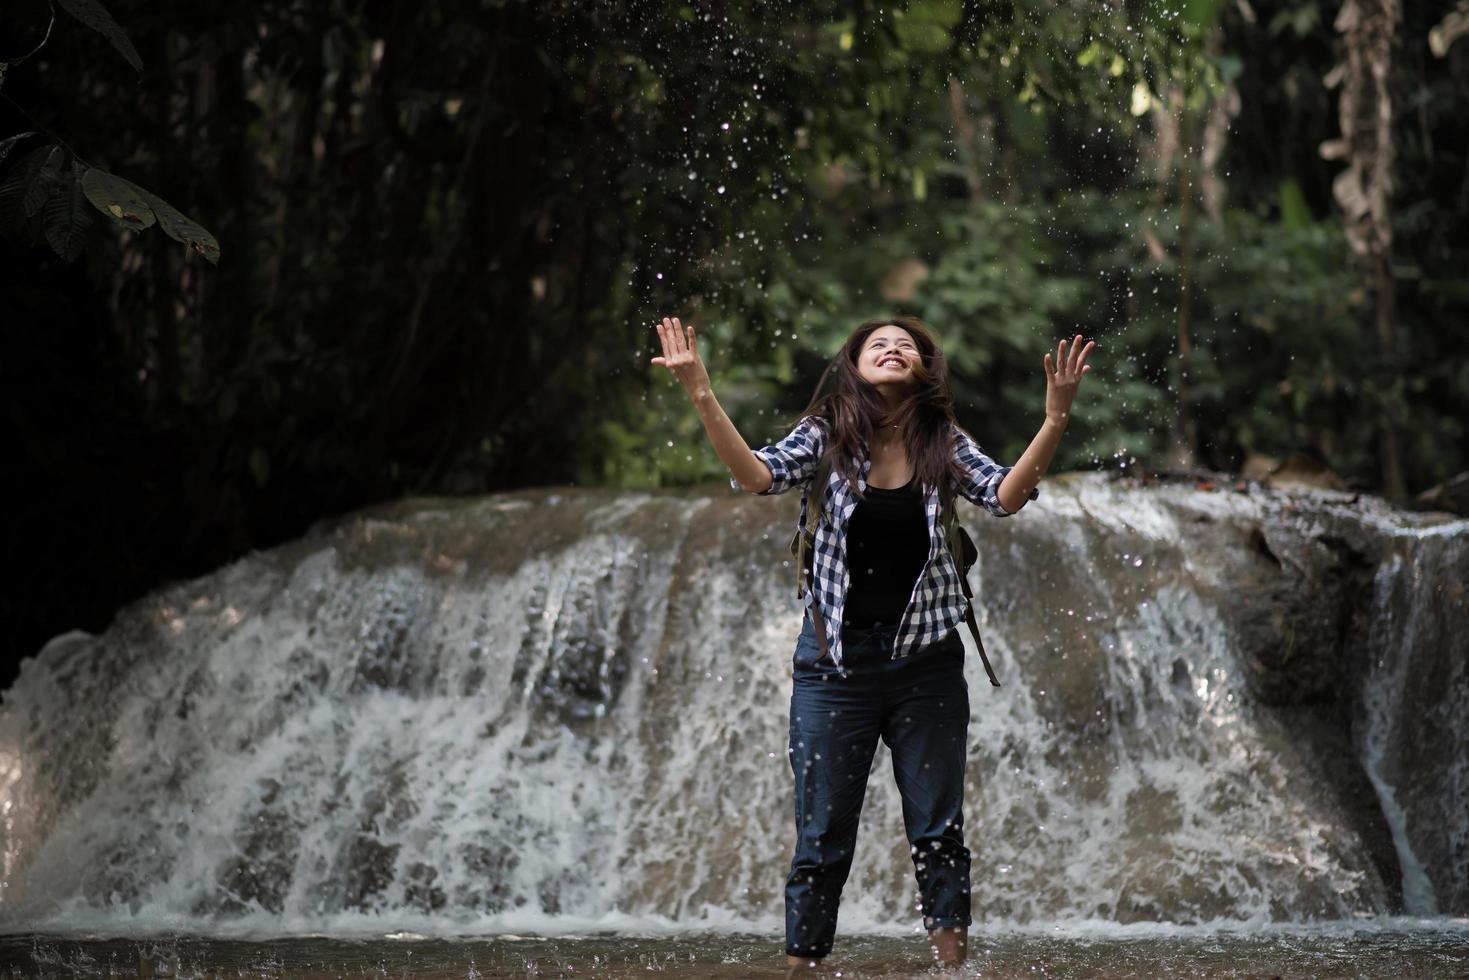 jeune femme s'amusant sous une cascade dans la forêt photo